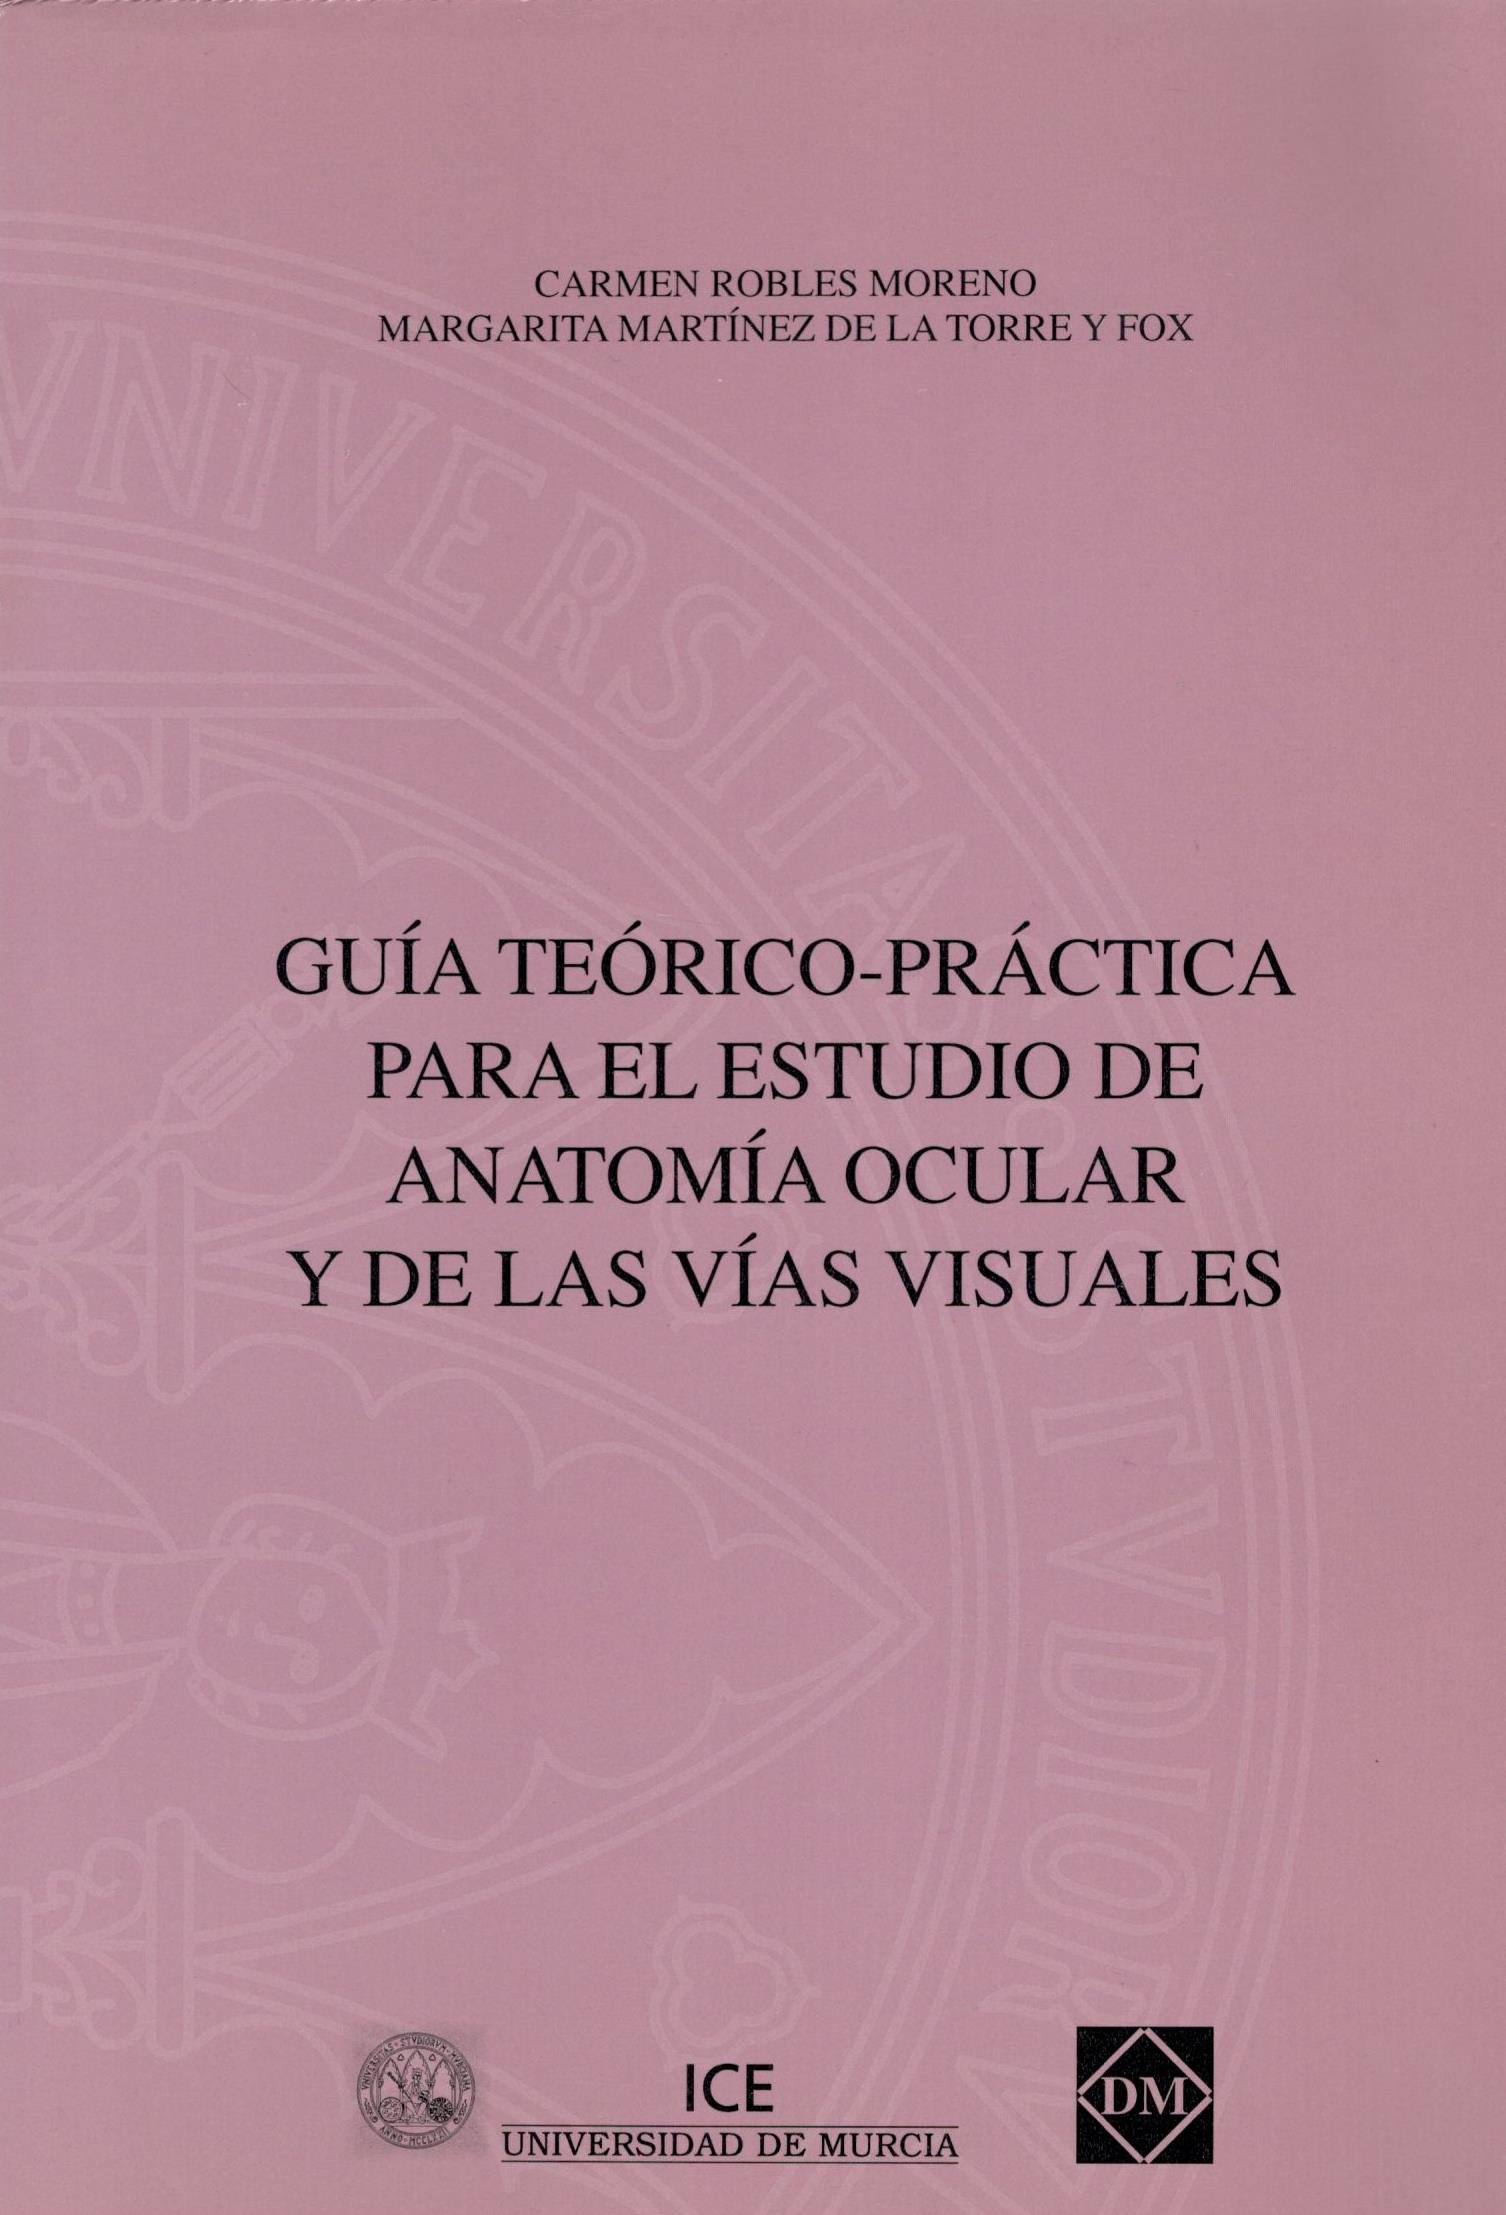 GUIA TEORICO PRACTICA PARA EL ESTUDIO DE ANATOMIA OCULAR Y DE LAS ...